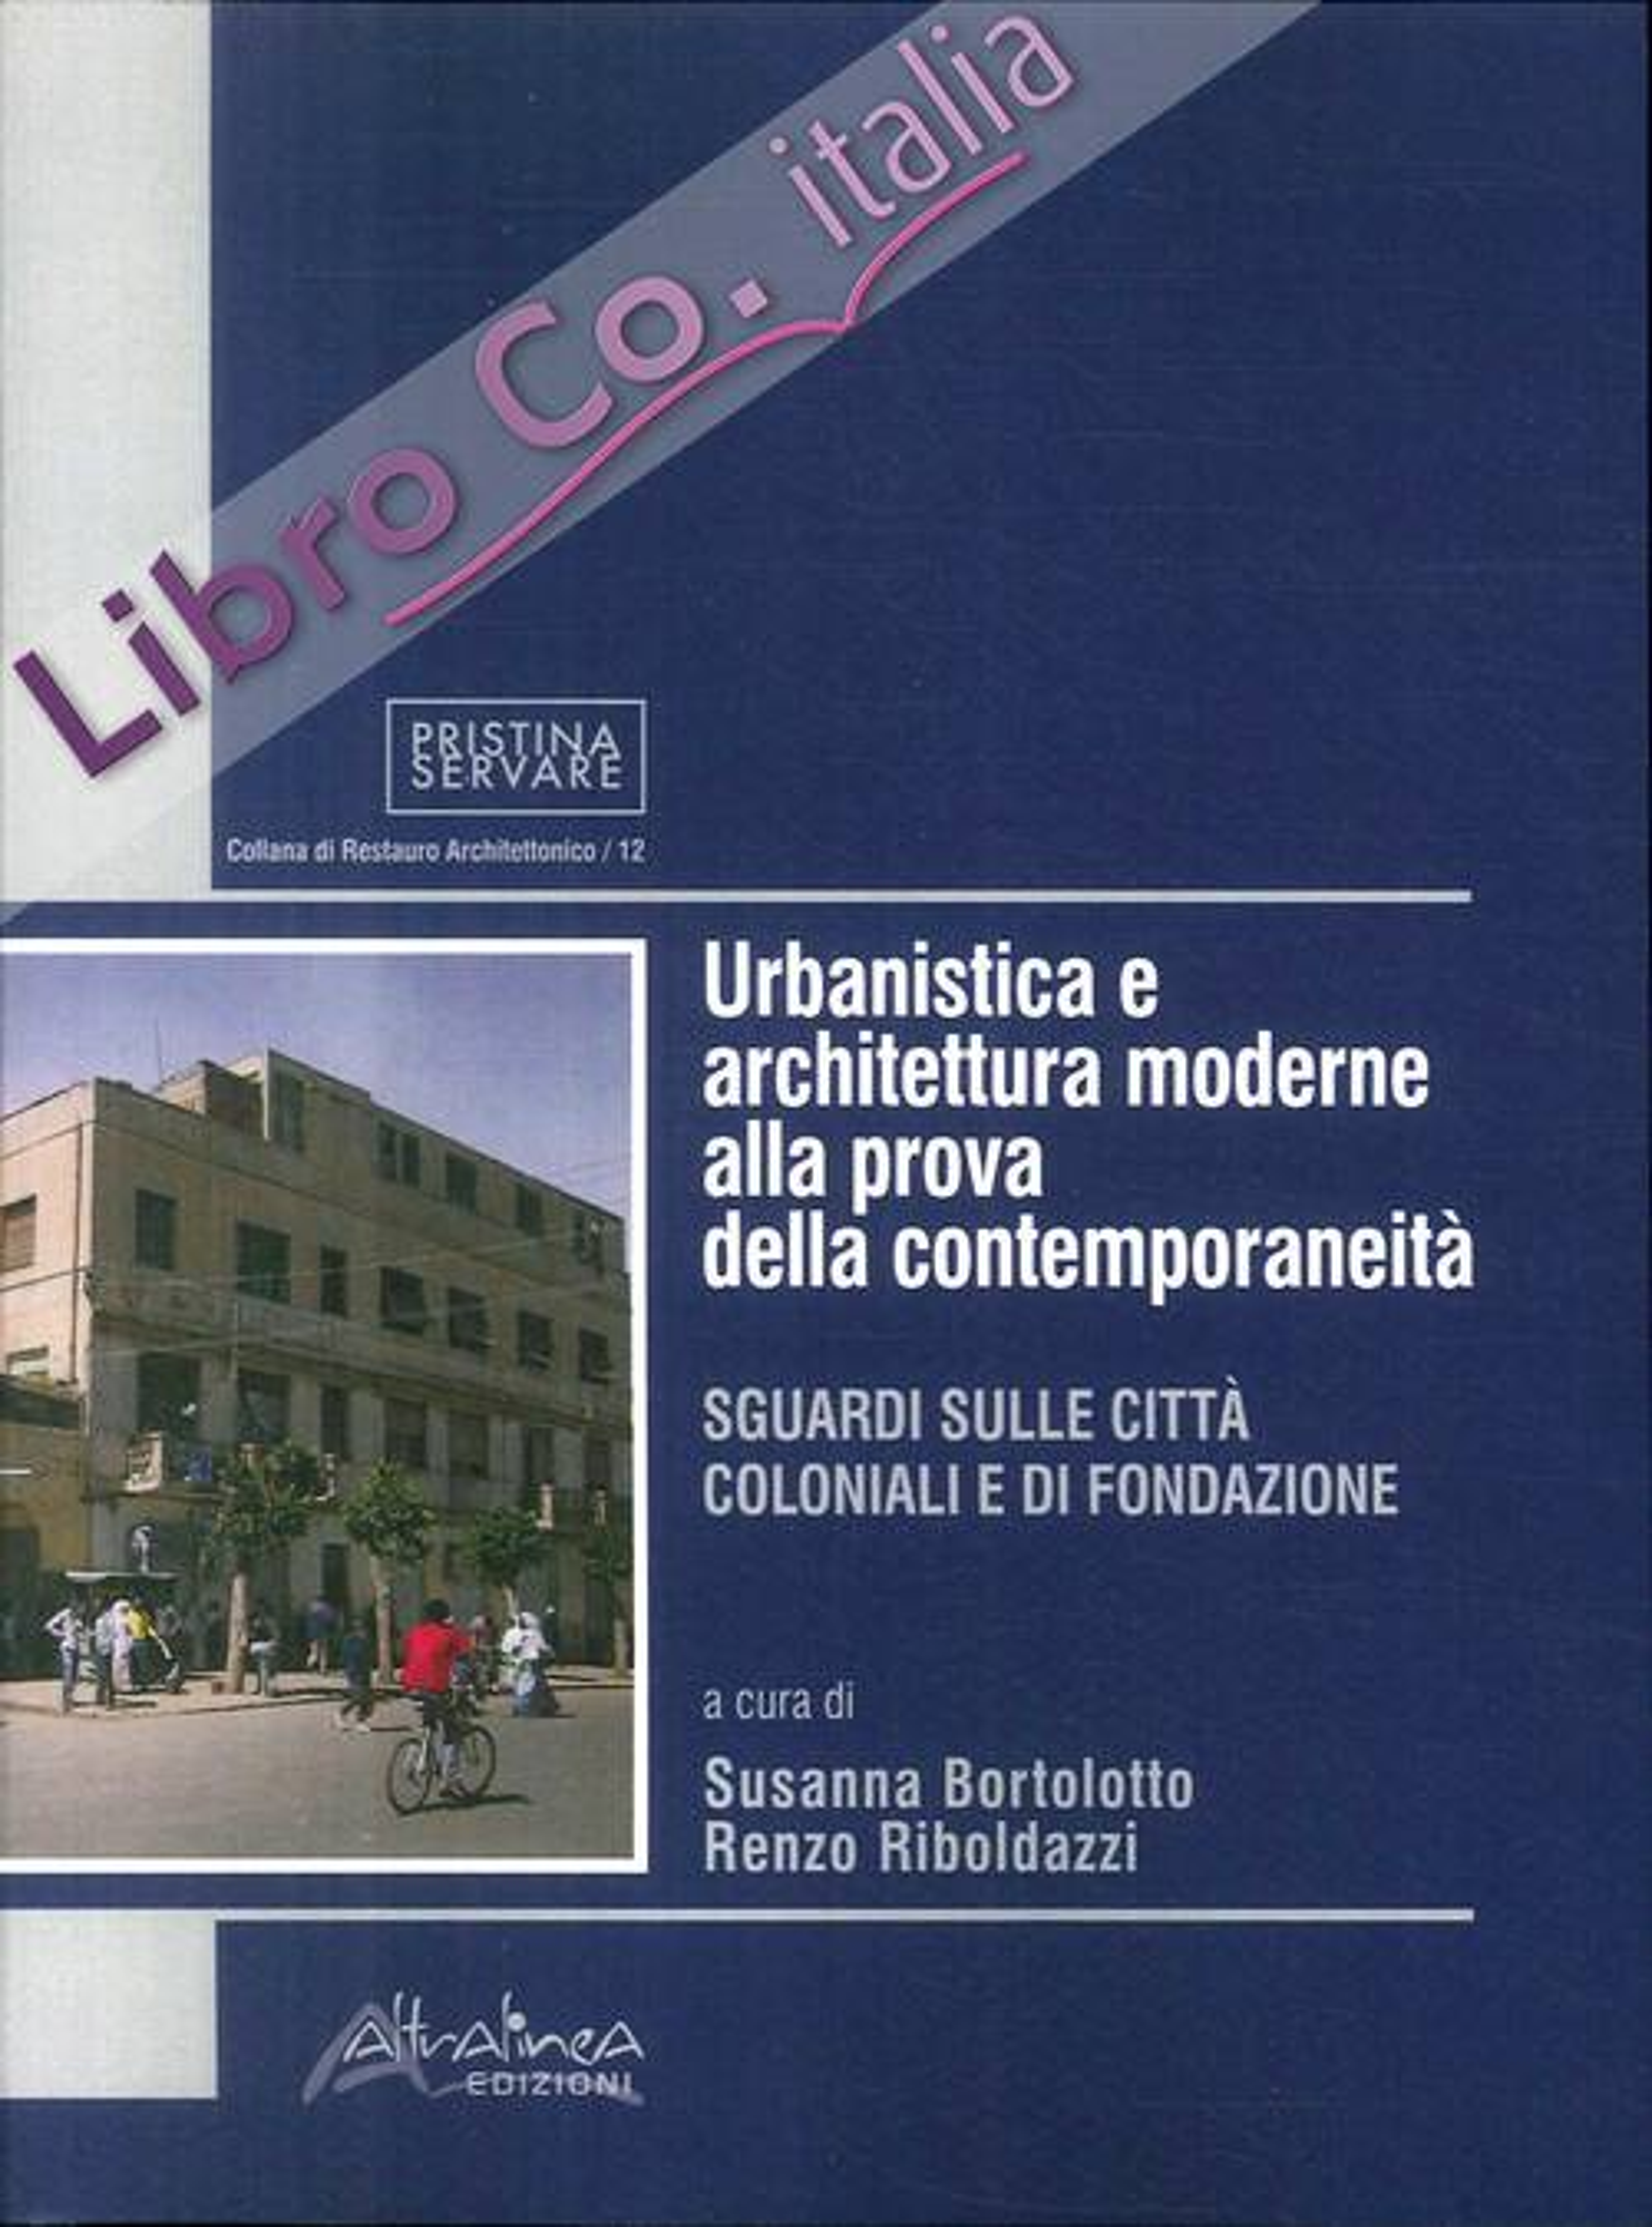 Urbanistica e architettura moderne alla prova della contemporaneità. Sguardi sulle città coloniali e di fondazione